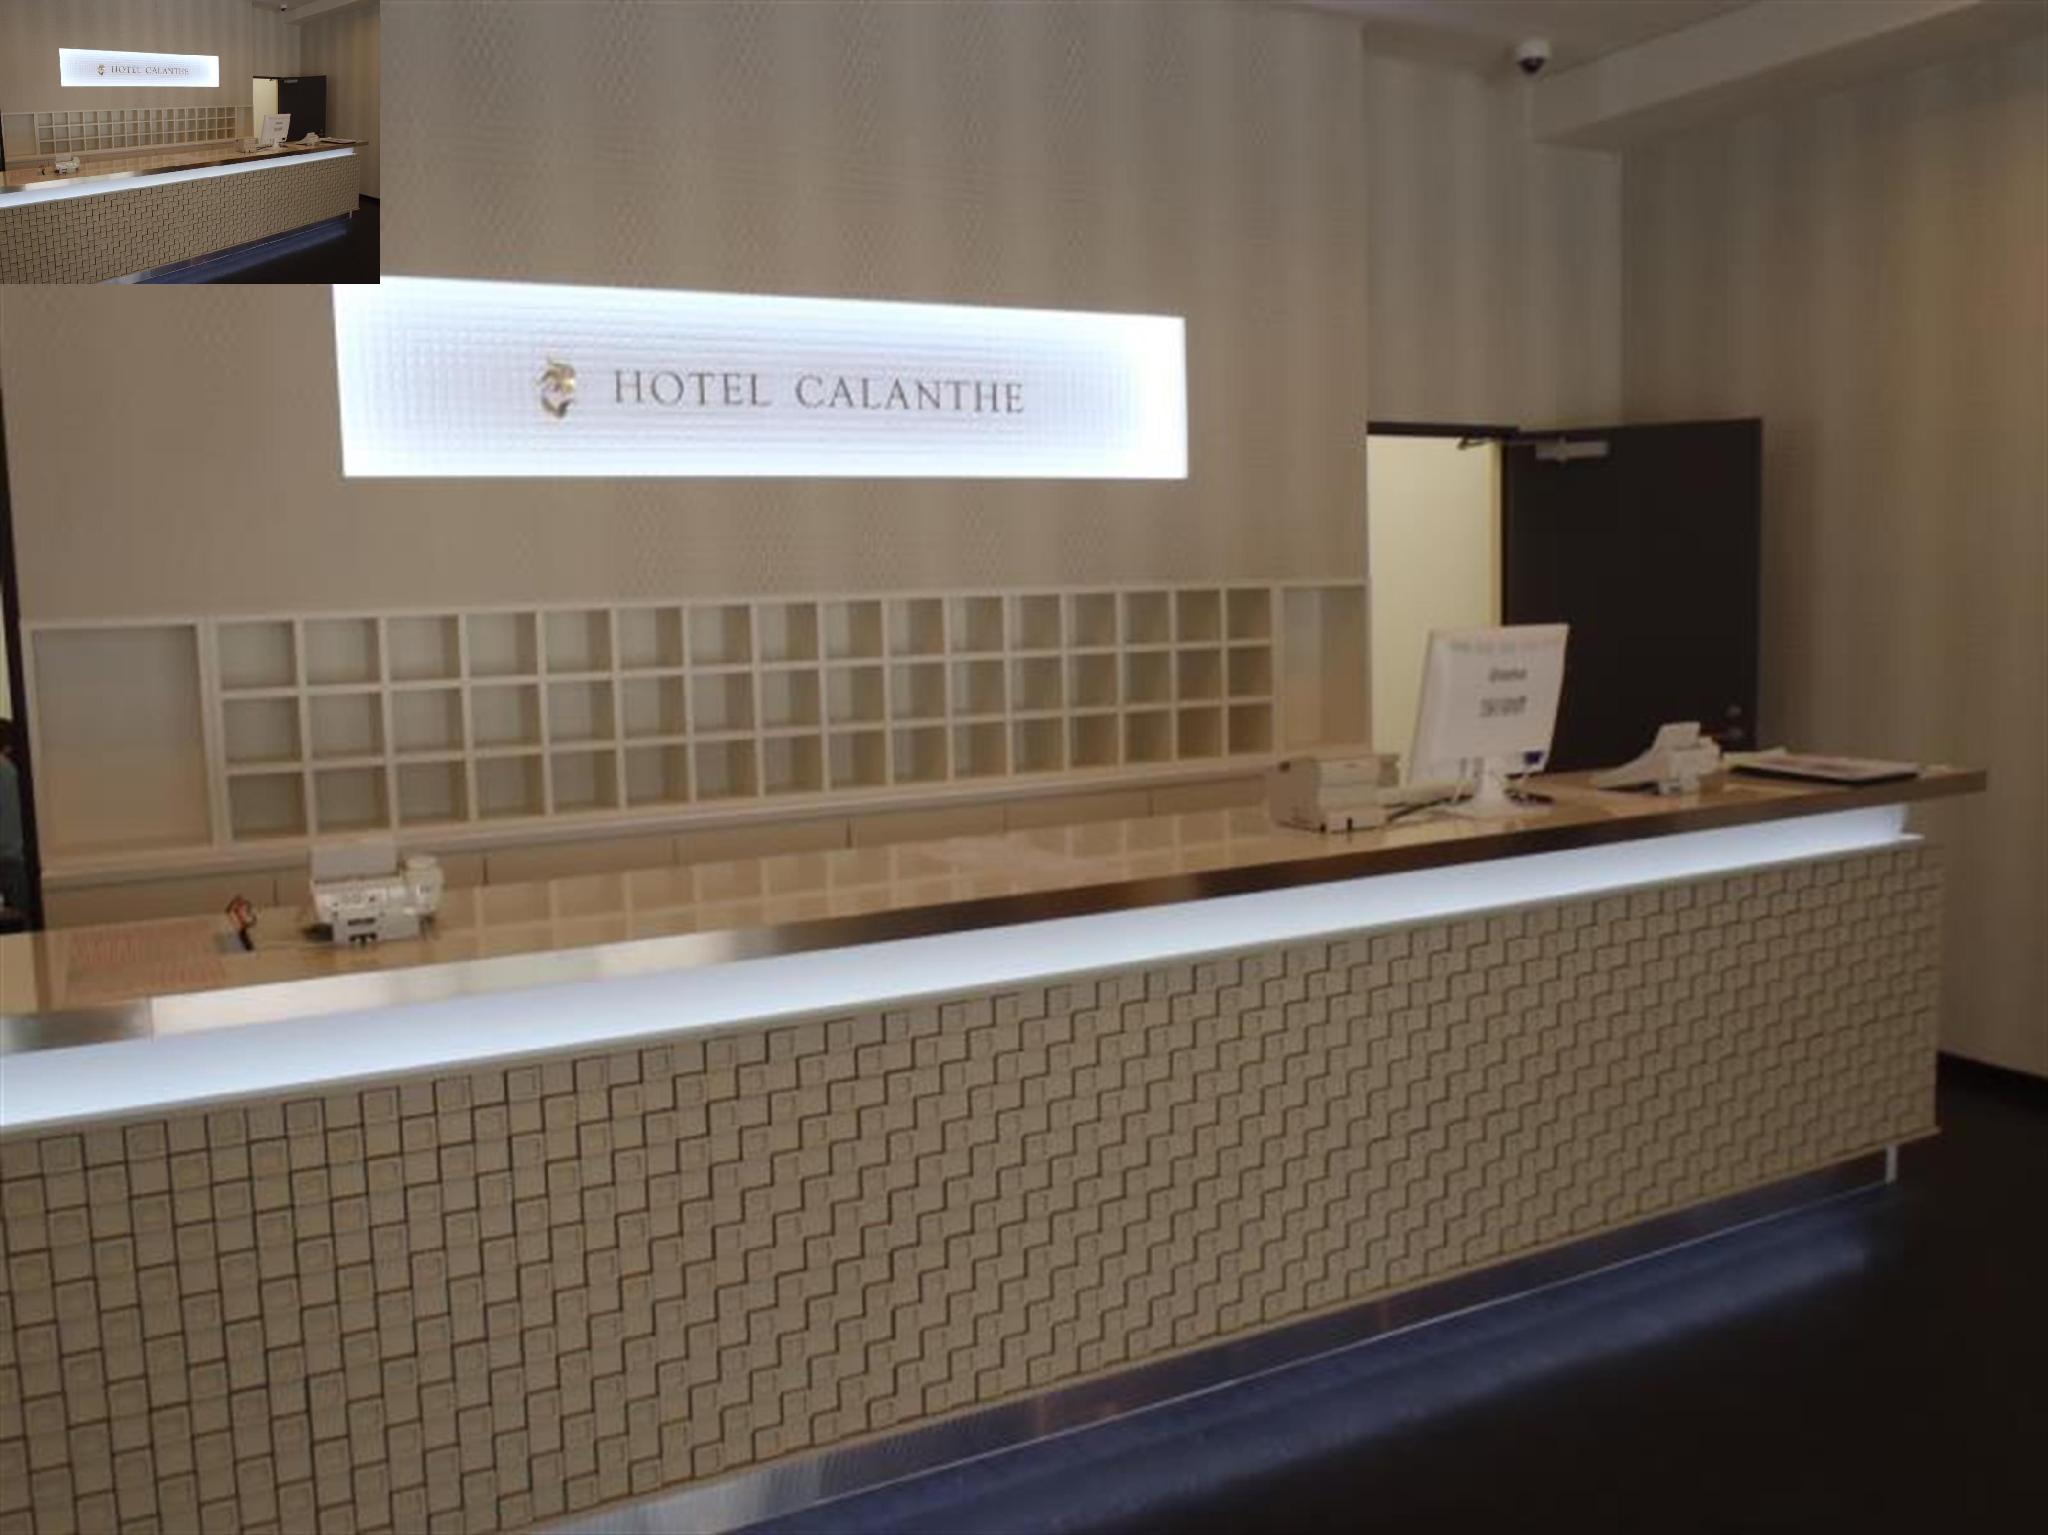 Hotel Calanthe Osaka